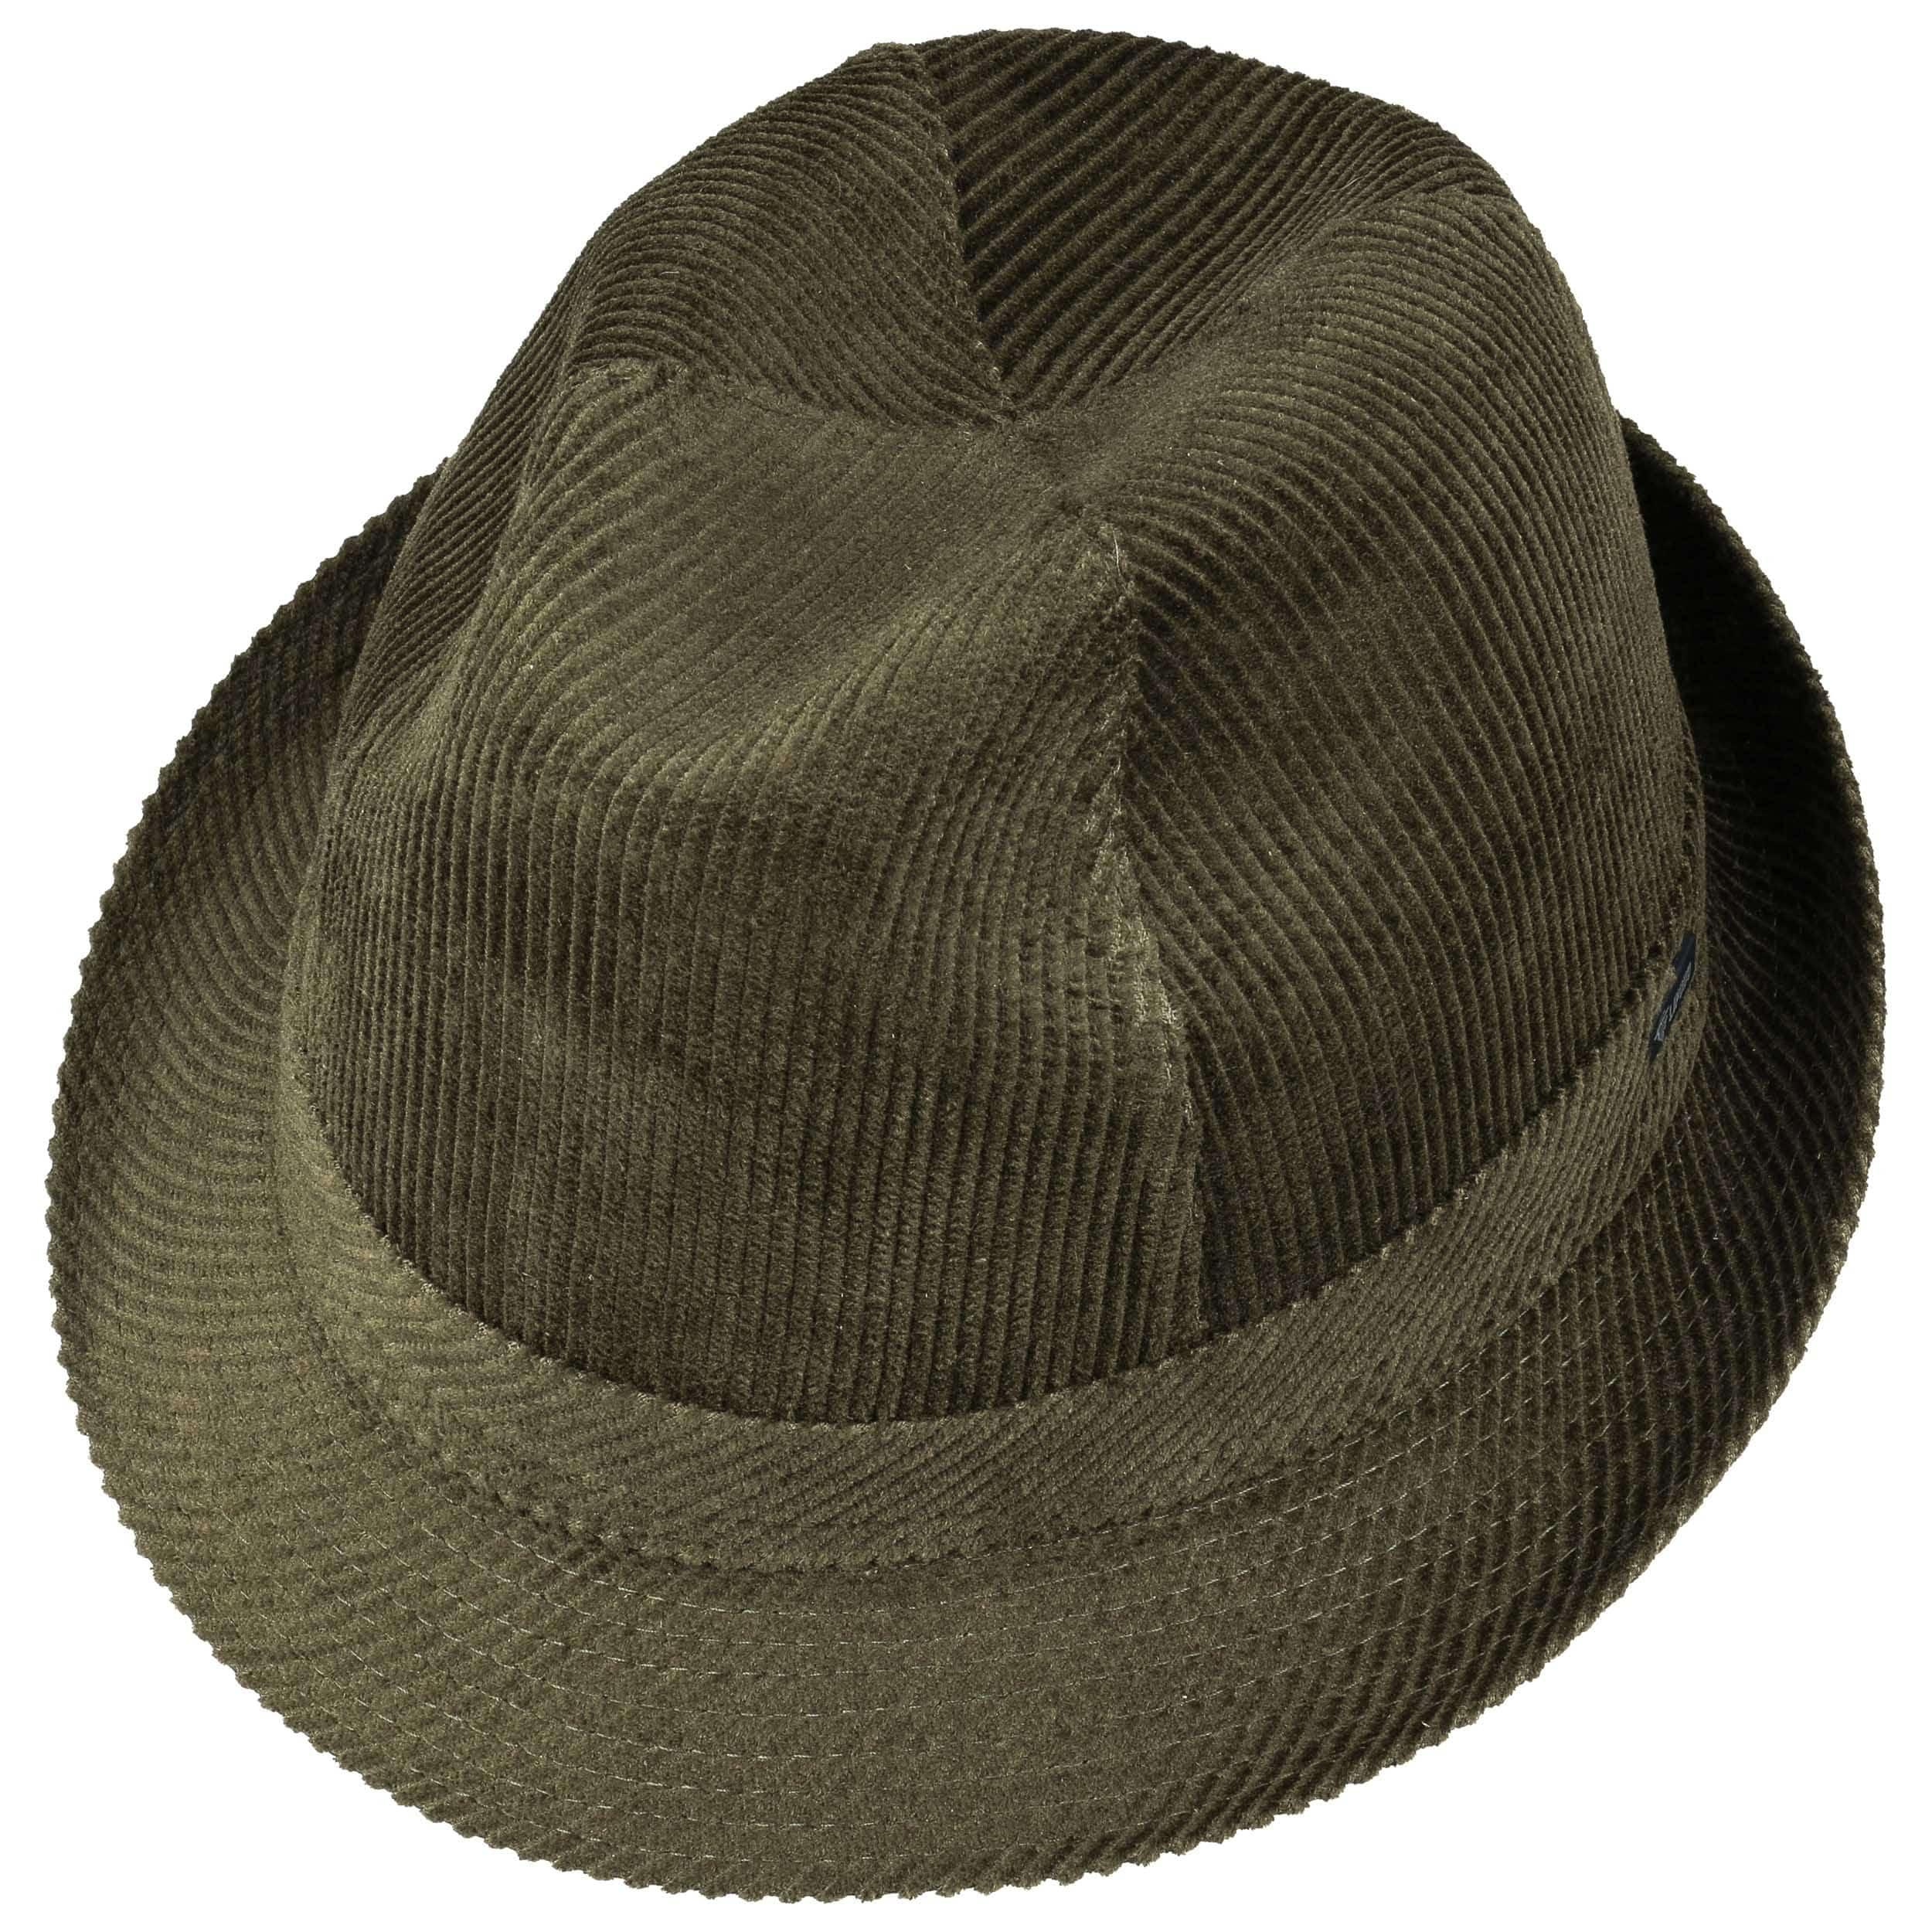 21ba54f2cb794 Sombrero de Pana Molinar by Lipodo - Sombreros - sombreroshop.es